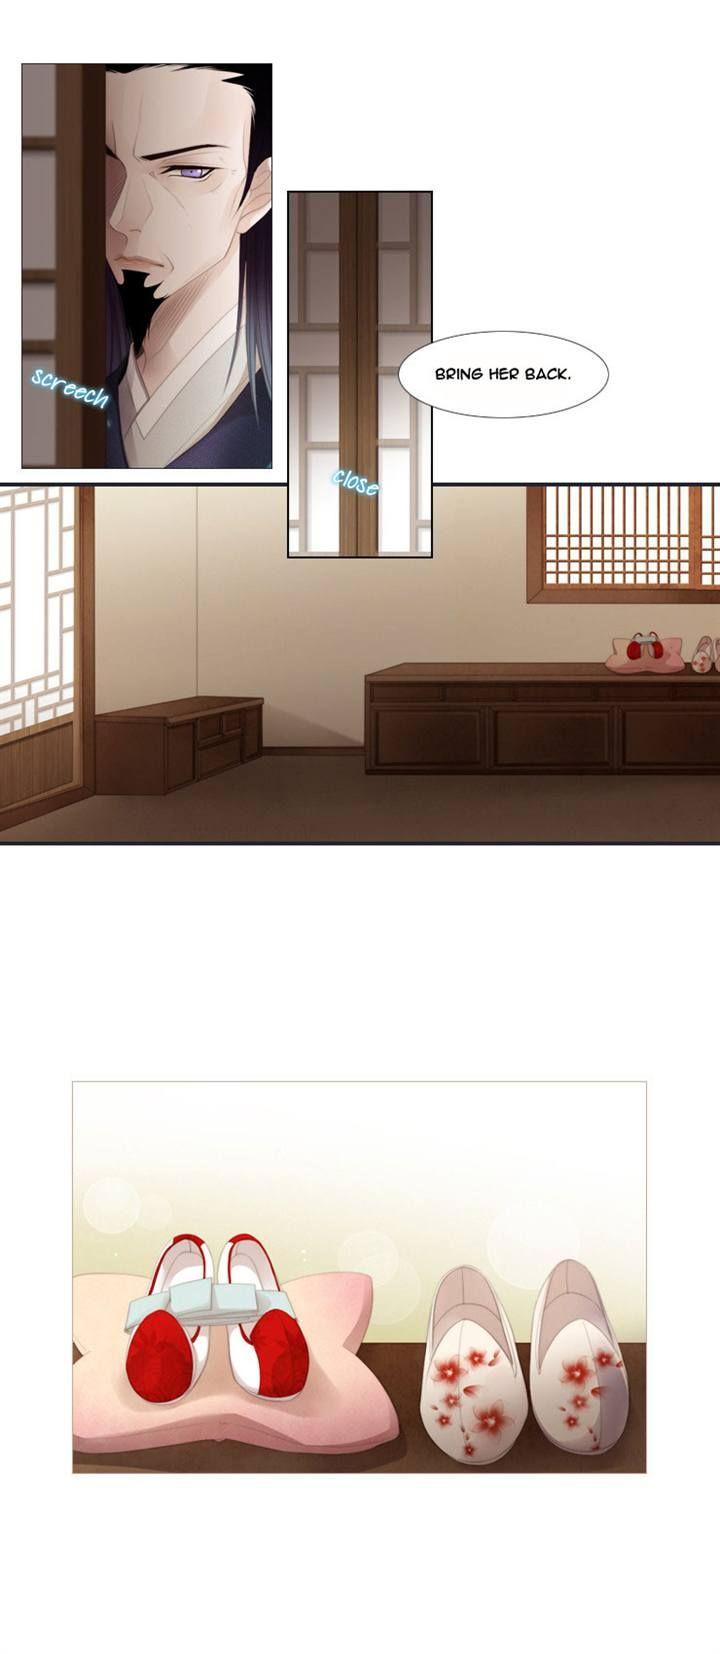 Twelve Nights 18 Page 2